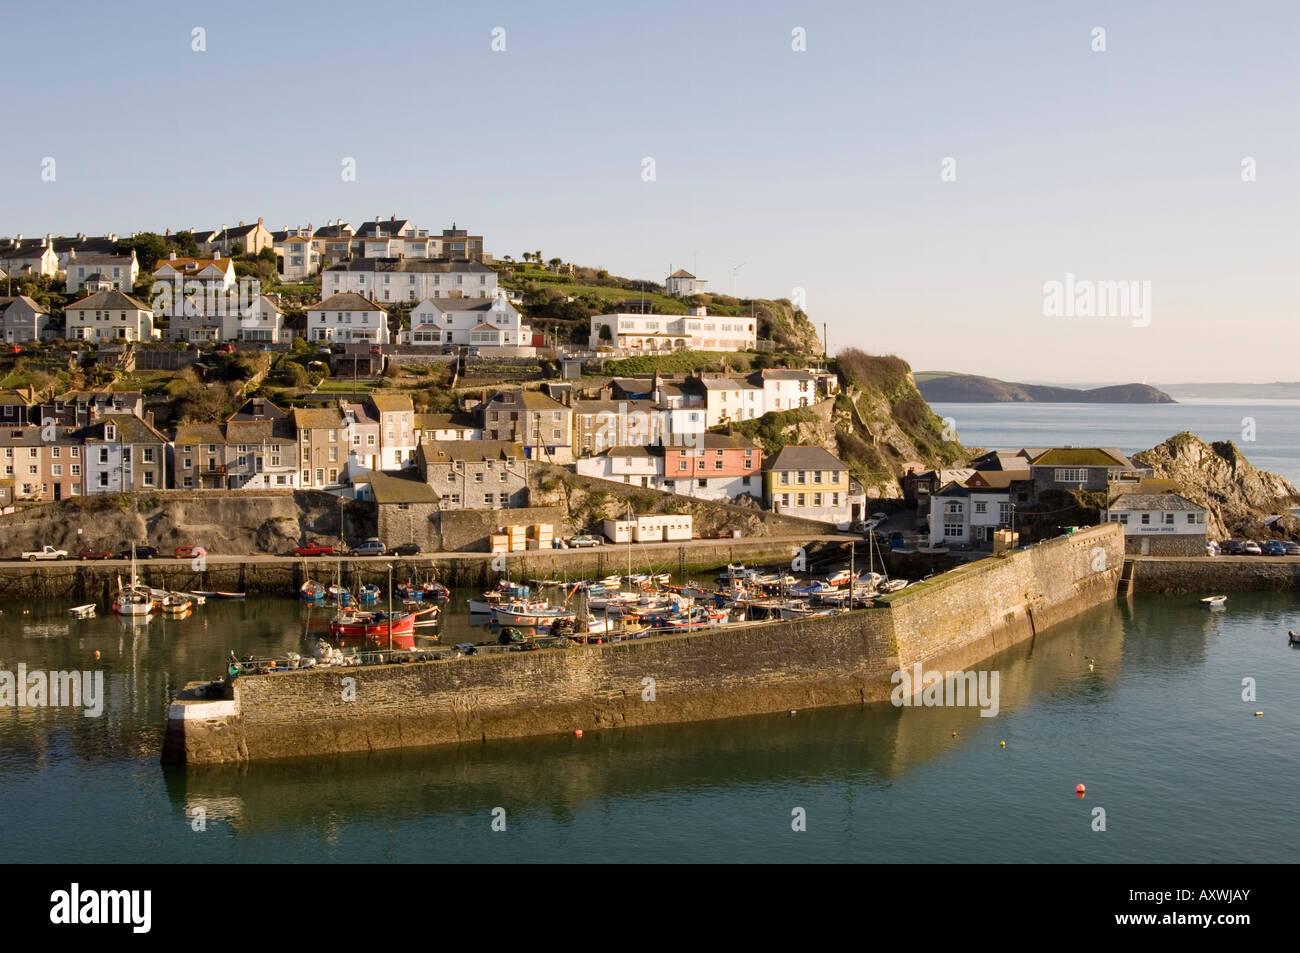 Houses on headland surrounding the old fishing port, Mevagissey, Cornwall, England, United Kingdom, Europe - Stock Image